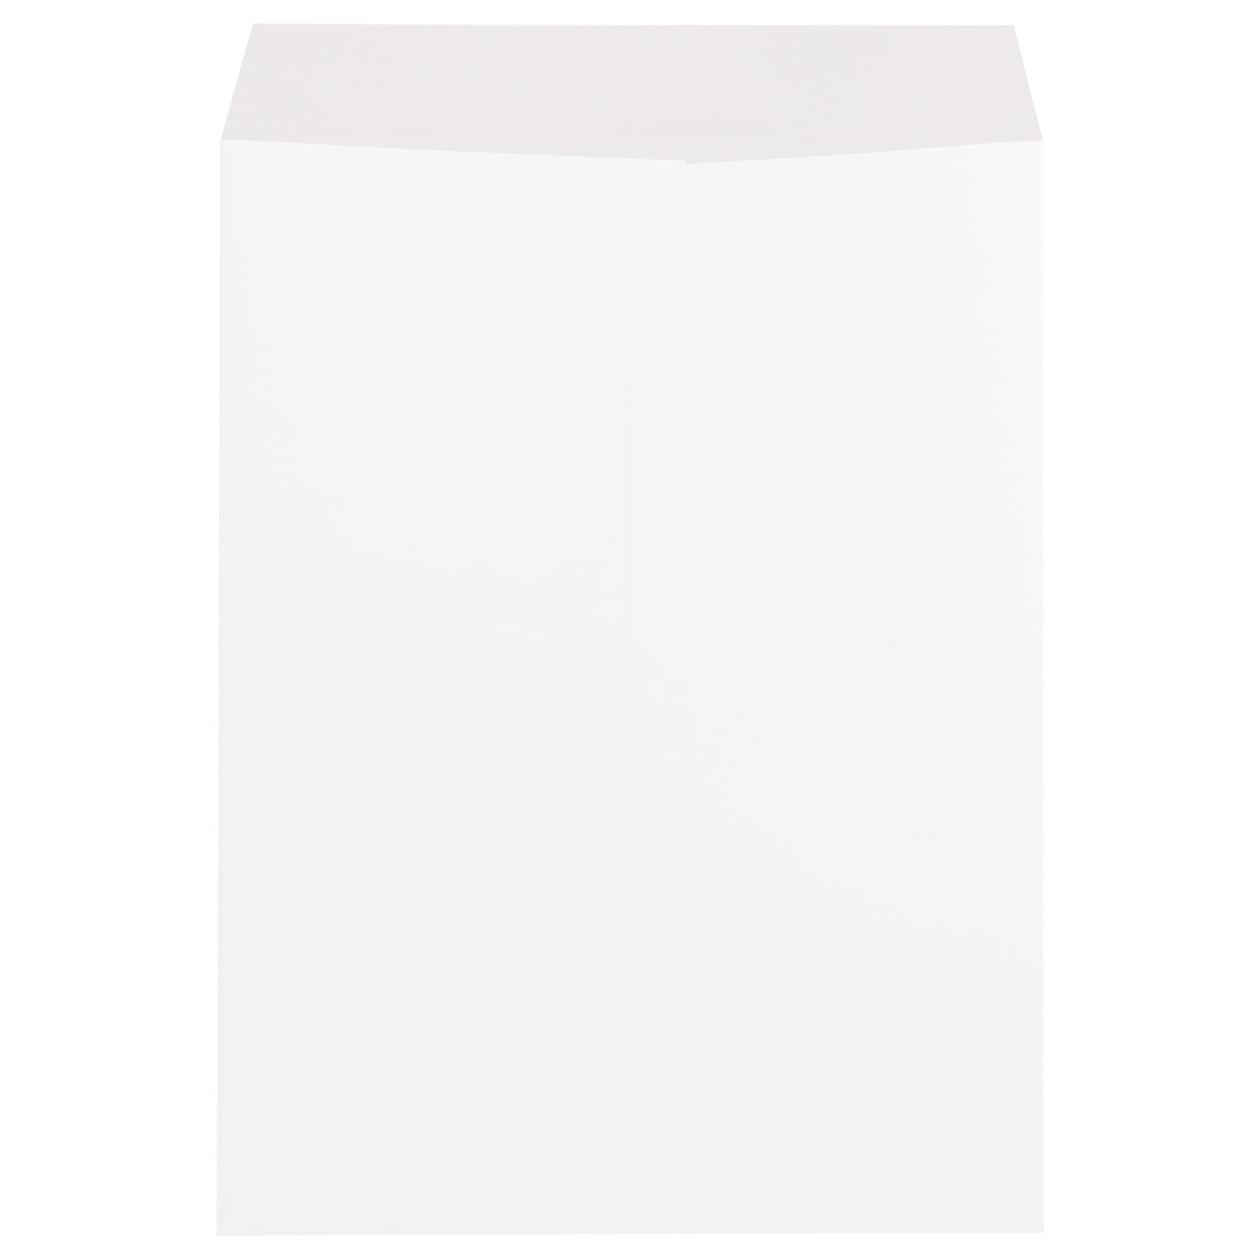 角0封筒 撥水ラップ99 ホワイト 100g センター貼